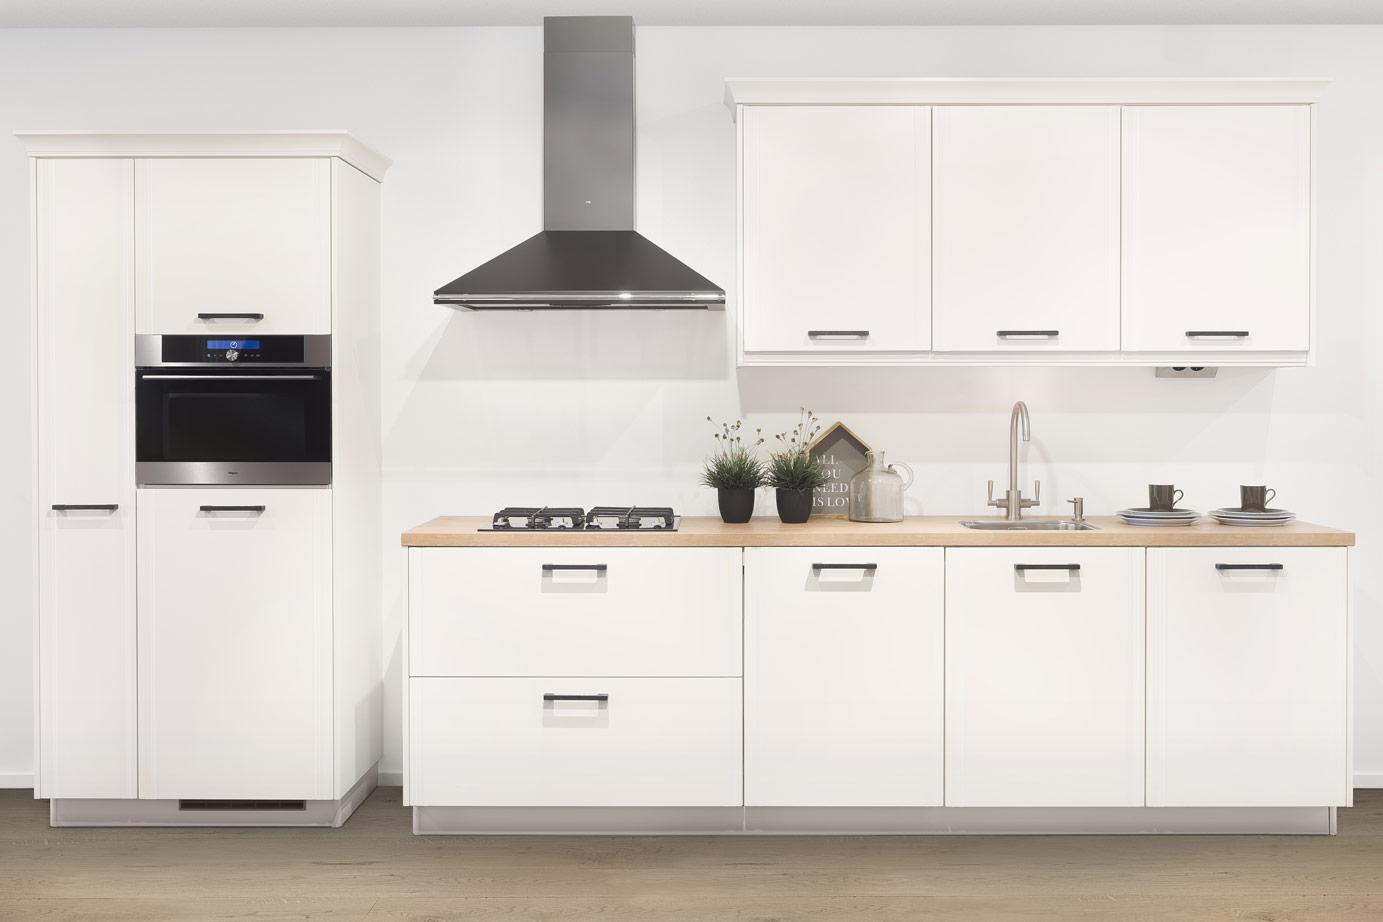 Keuken Kleine Kleur : Kleine keuken laat je inspireren door voorbeelden db keukens